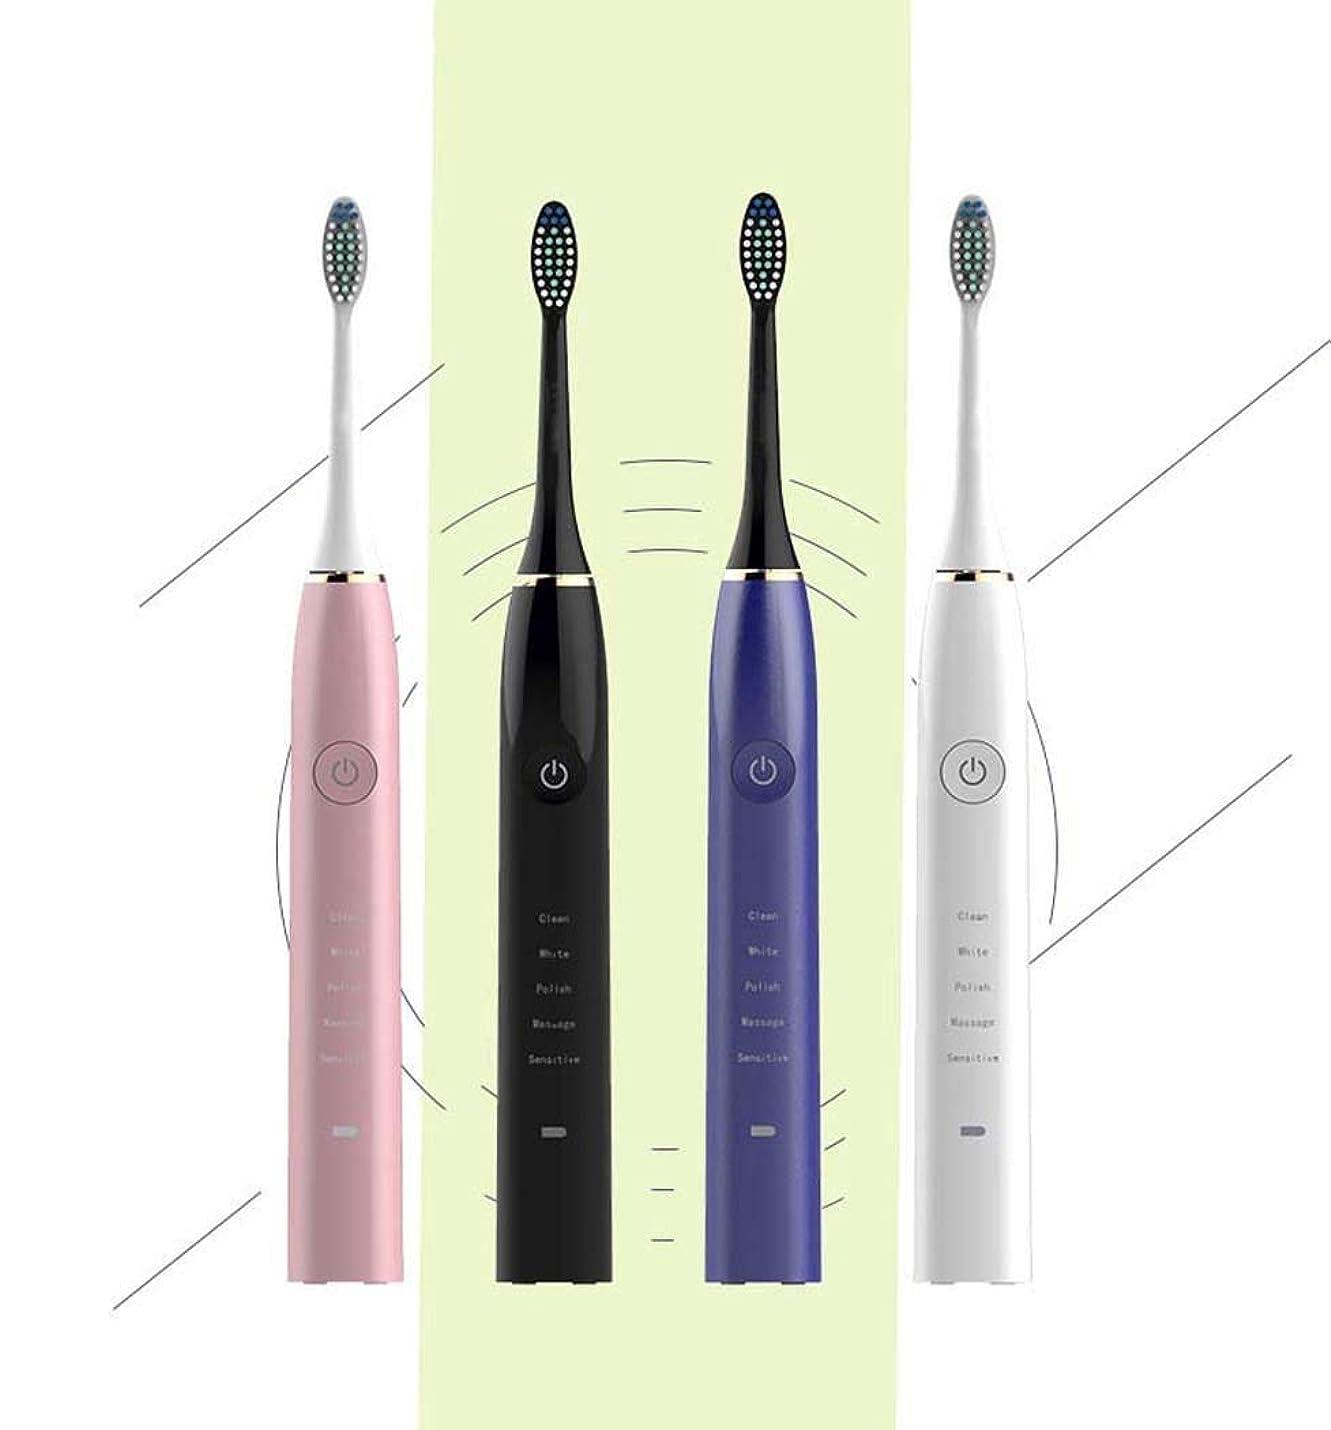 ソフトウェアいつクライマックス電動歯ブラシ、インテリジェントソニック電動歯ブラシ、誘導充電式自動歯ブラシ、スマートタイマー、大人子供(カラー:ホワイト)